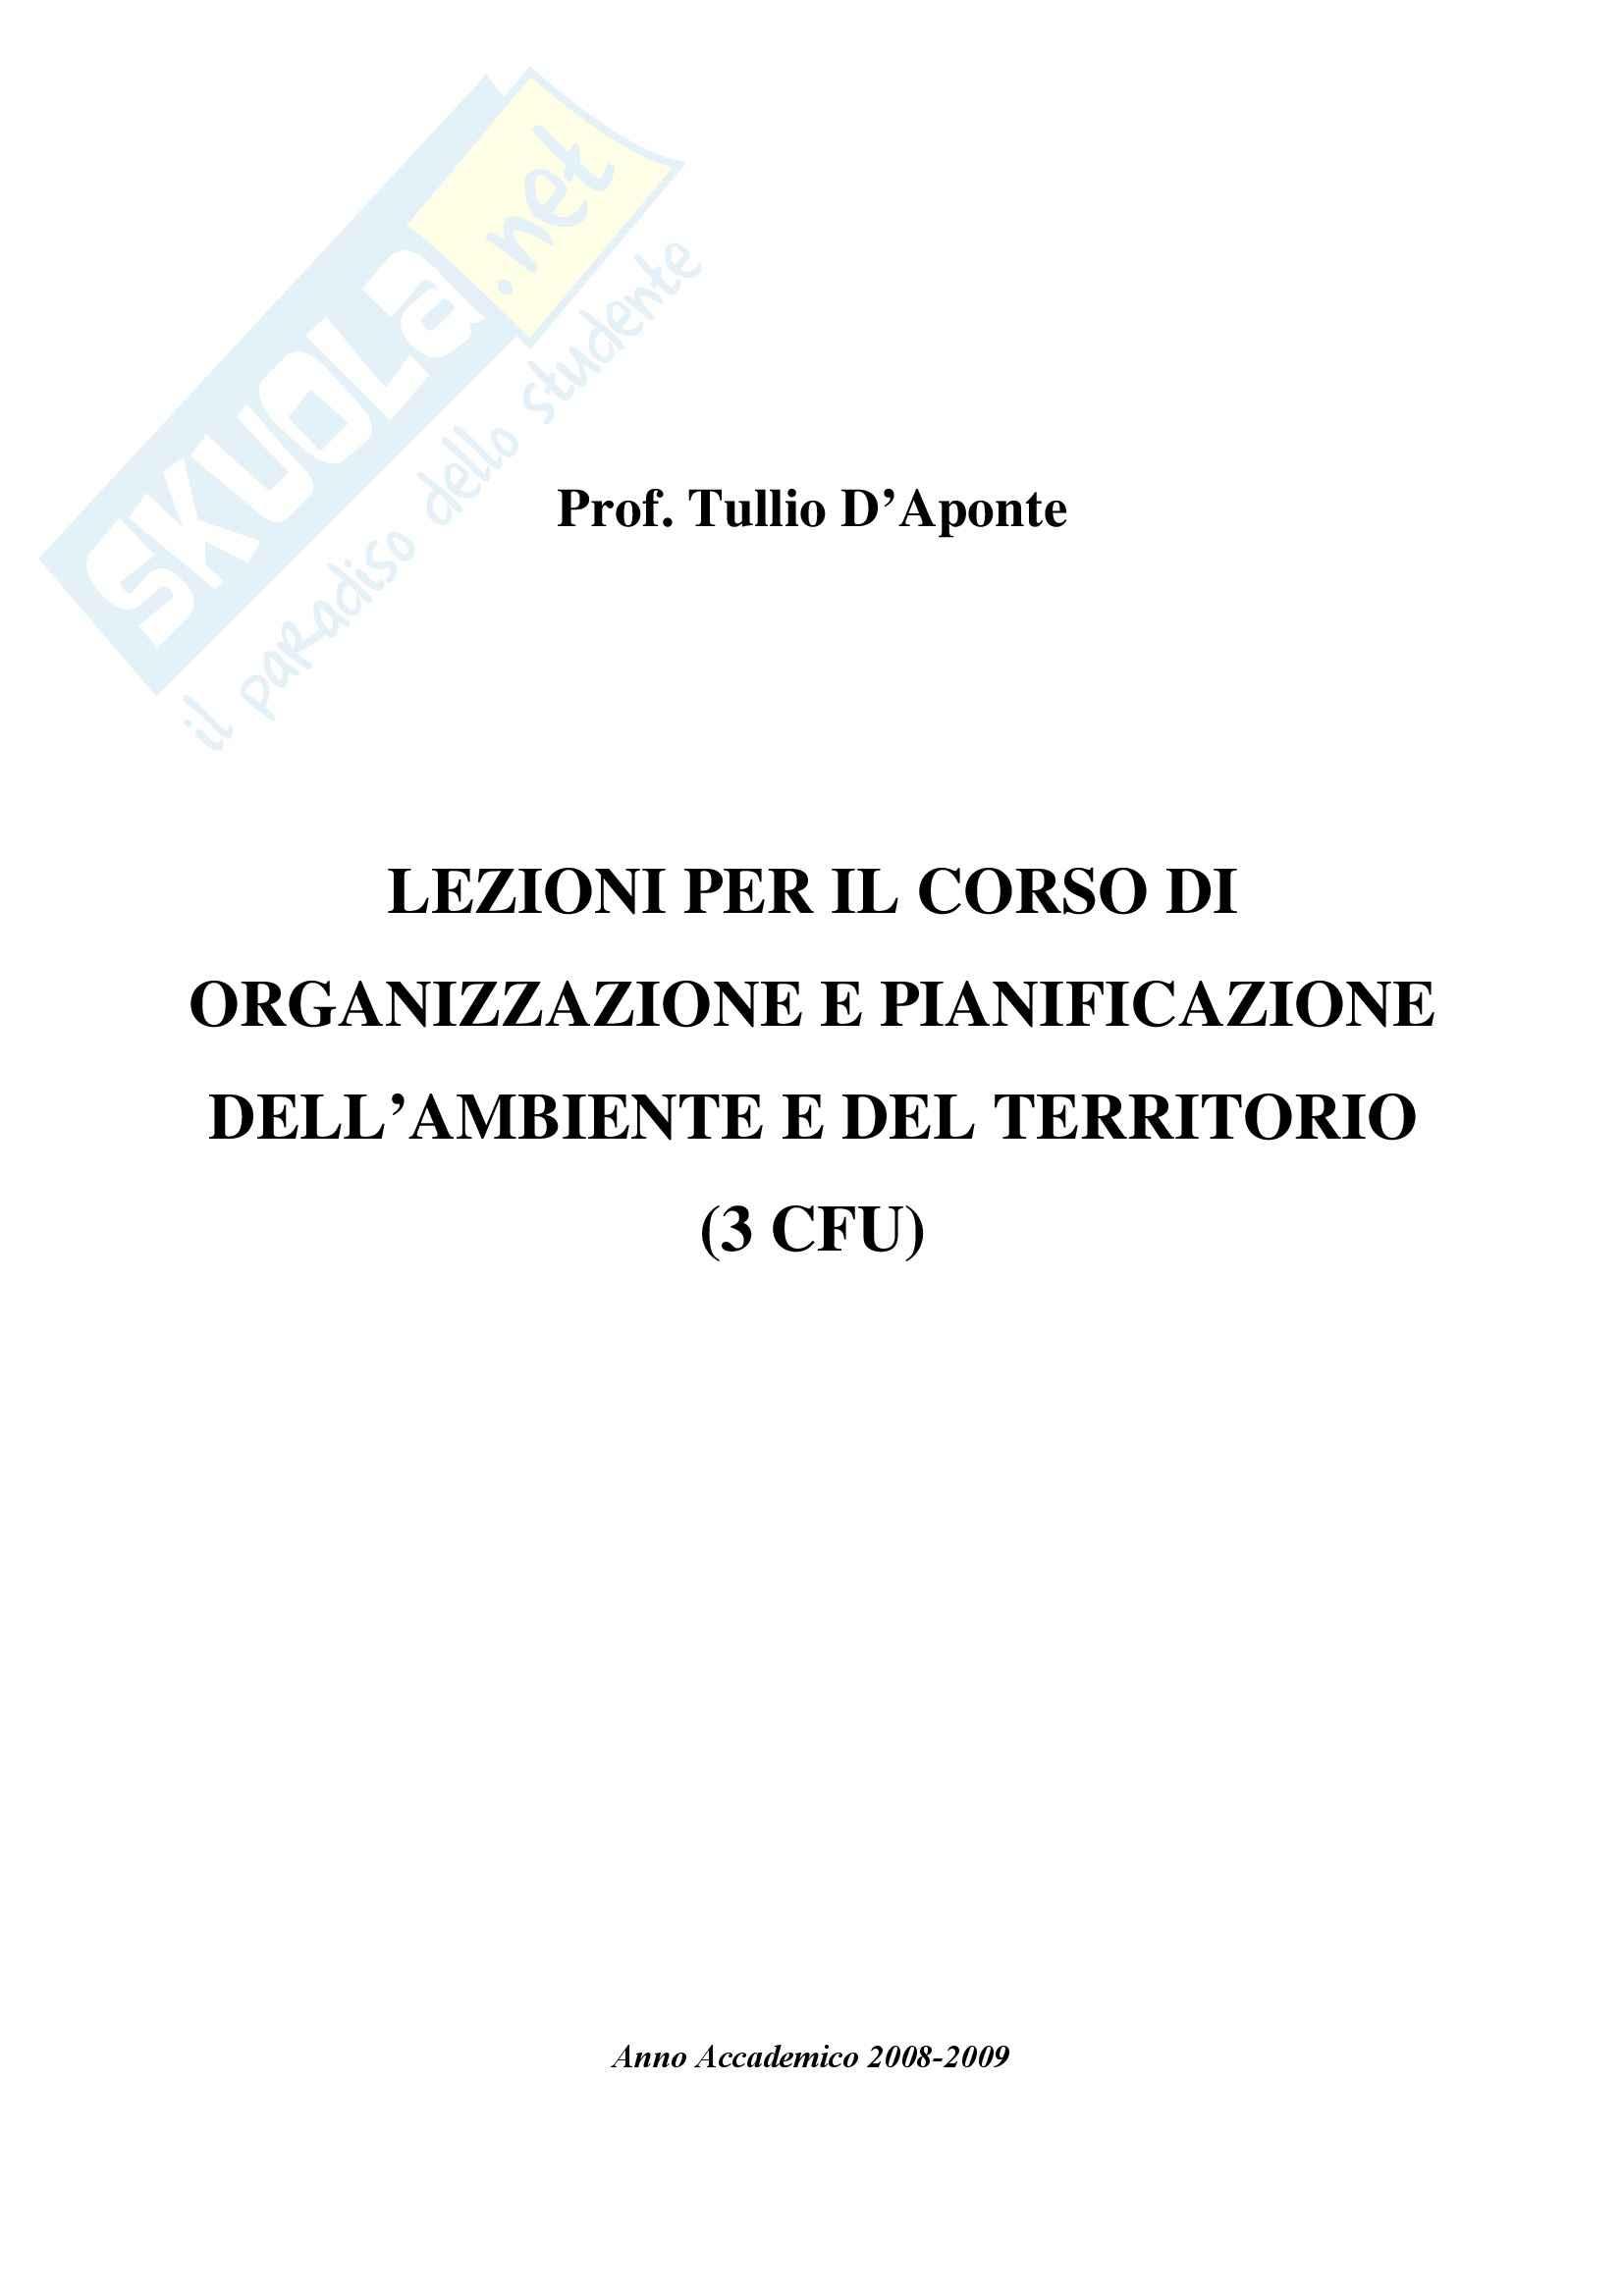 Organizzazione e pianificazione del territorio